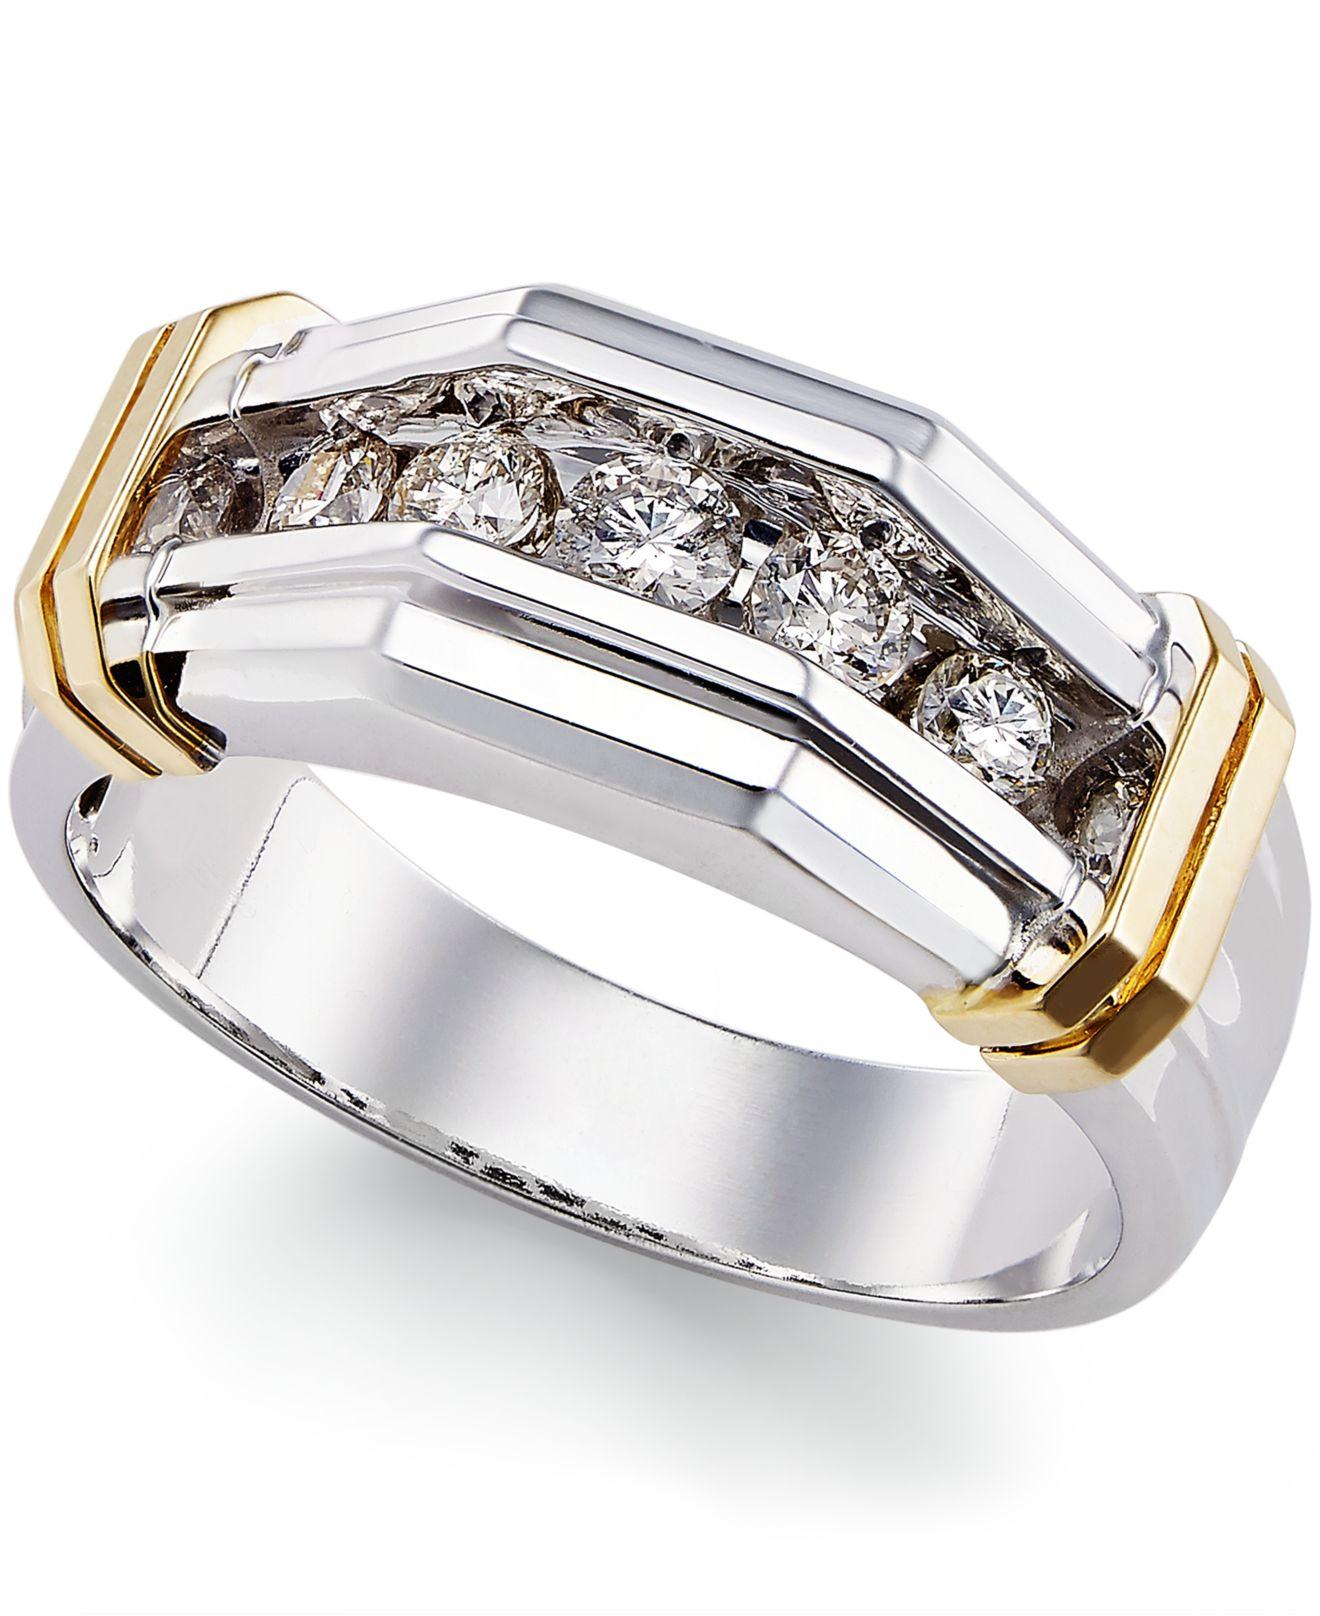 Macy S Men S Diamond 1 2 Ct T W Ring In 10k White Gold